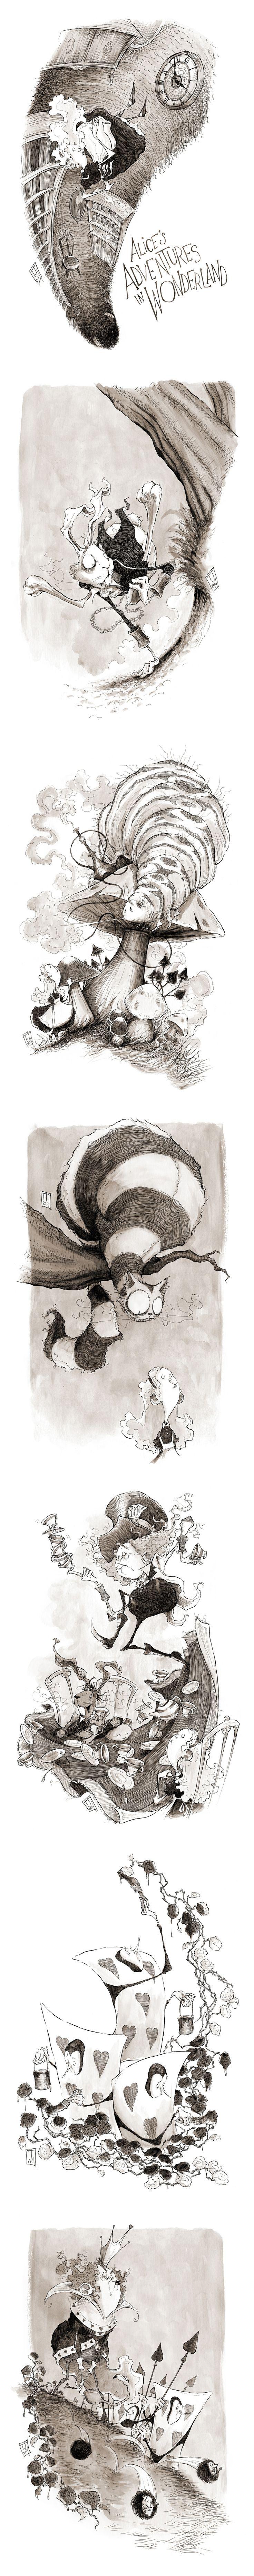 Best 25 alice in wonderland book ideas on pinterest alice in best 25 alice in wonderland book ideas on pinterest alice in wonderland illustrations alice in wonderland and alicia lewis fandeluxe Epub